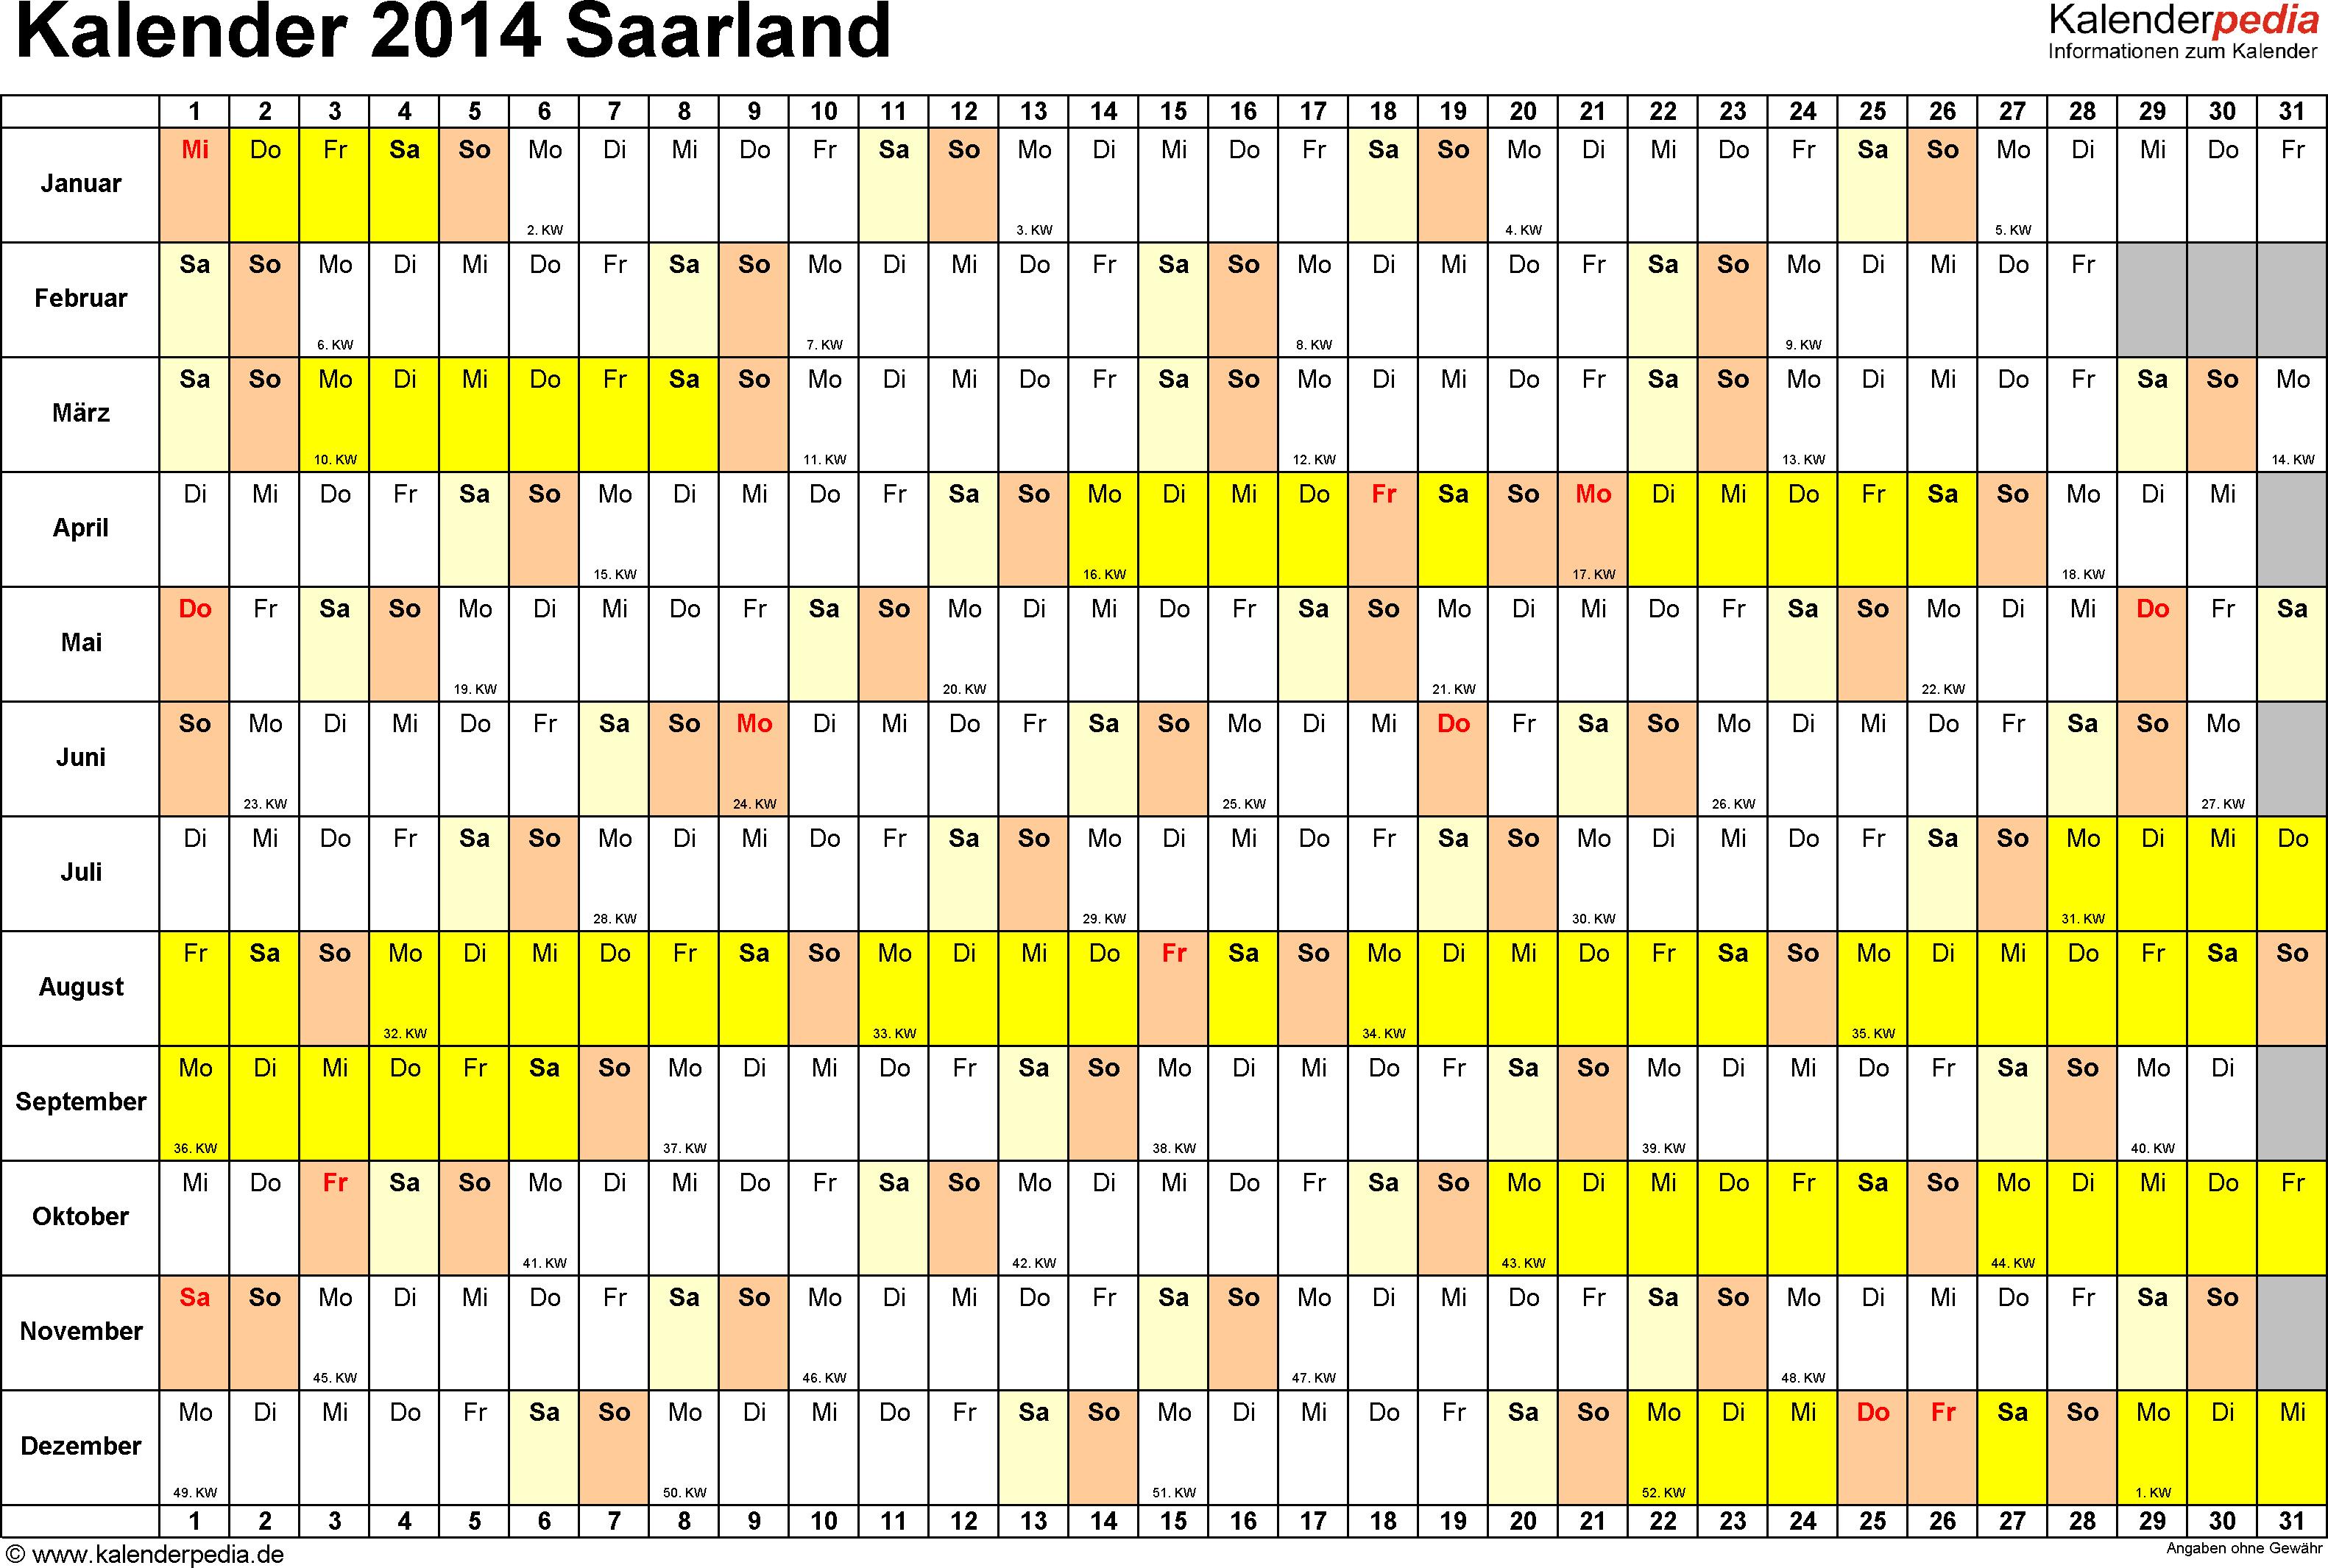 Vorlage 2: Kalender Saarland 2014 im Querformat, Tage nebeneinander